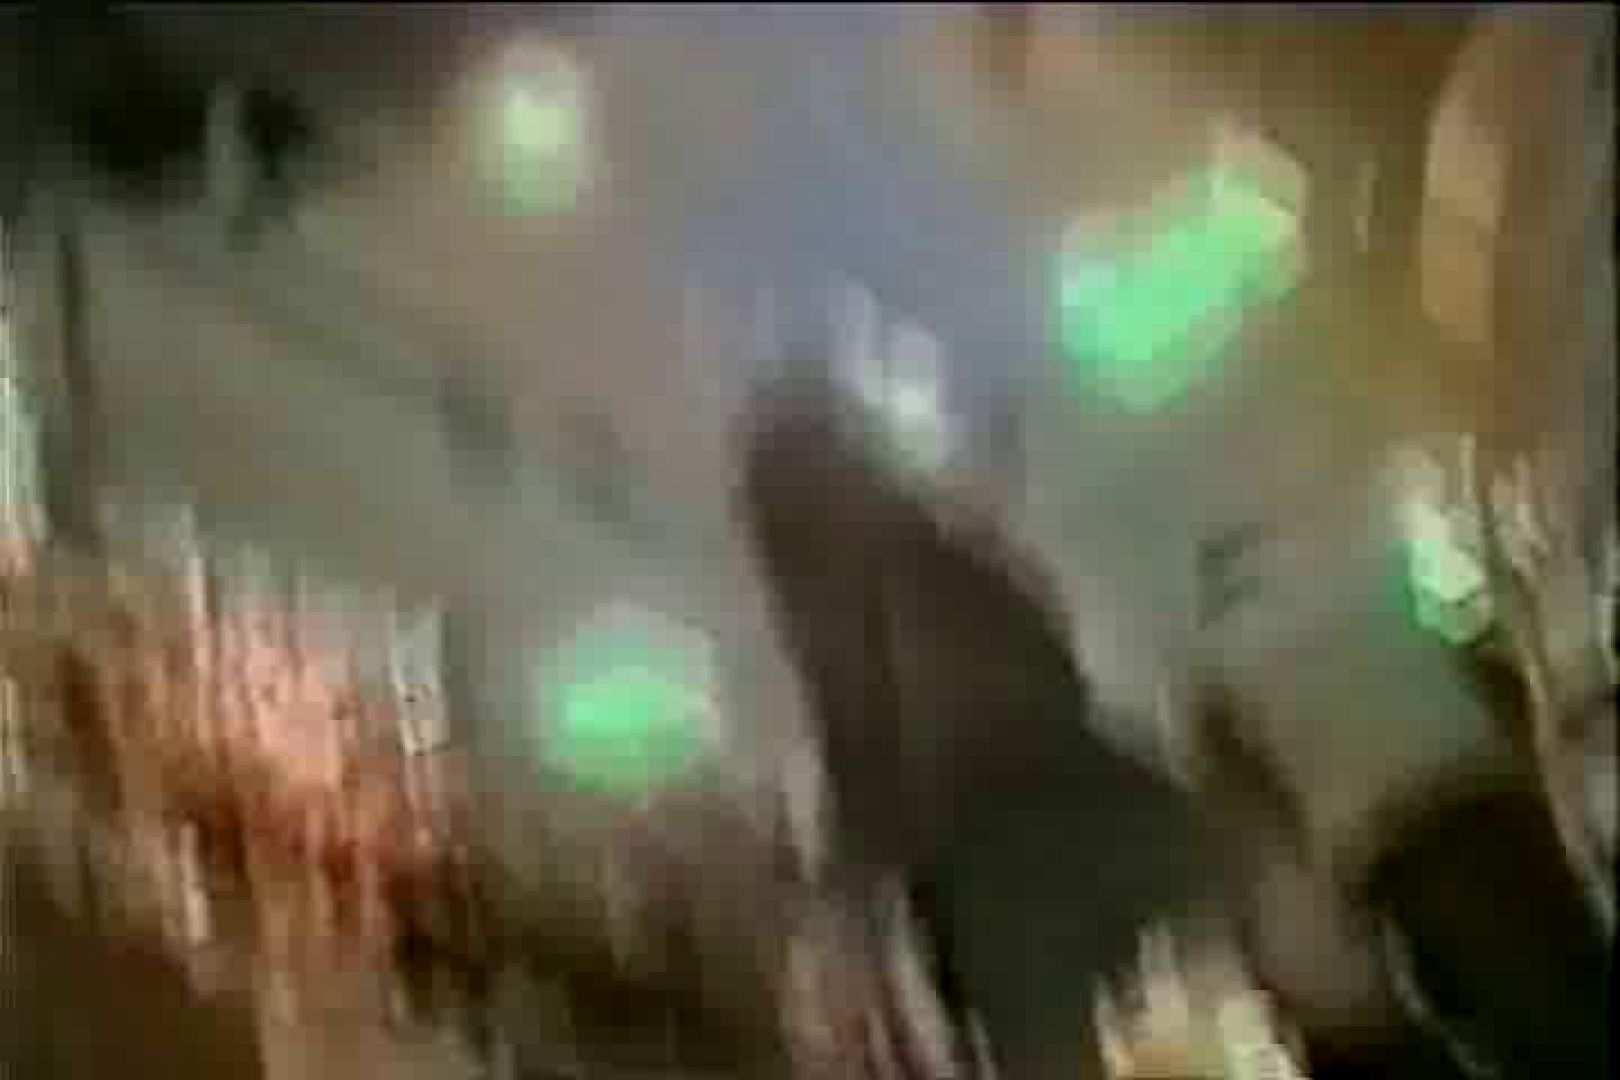 関西発!タツヤのDV直撮り大追跡!!! Vol.14 追跡  85pic 70